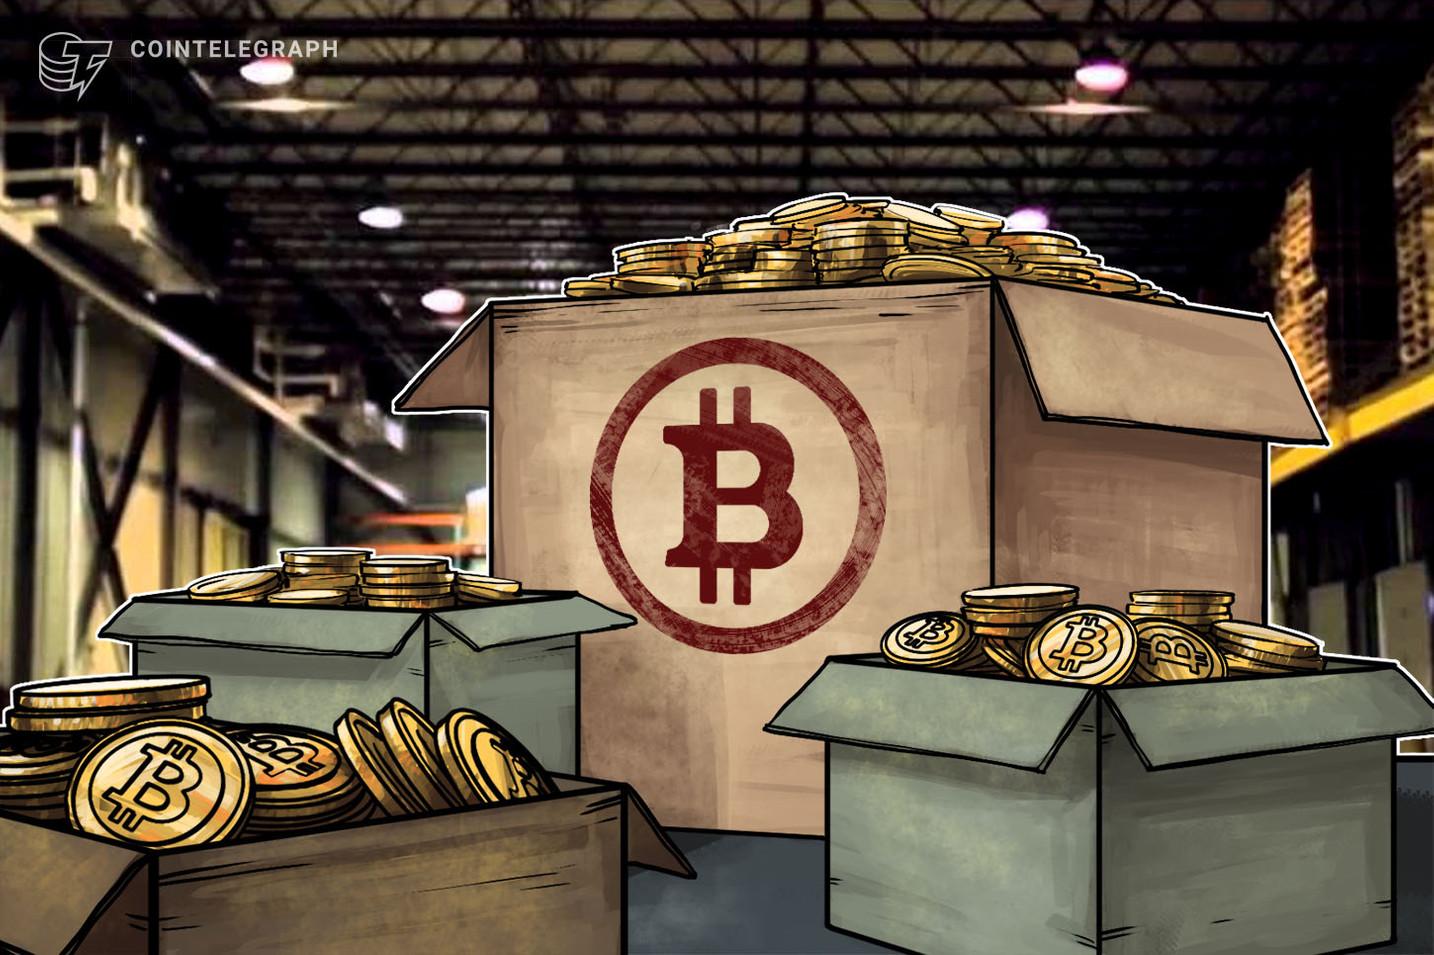 Immer weniger Bitcoin-Wallets halten weniger als 1 BTC